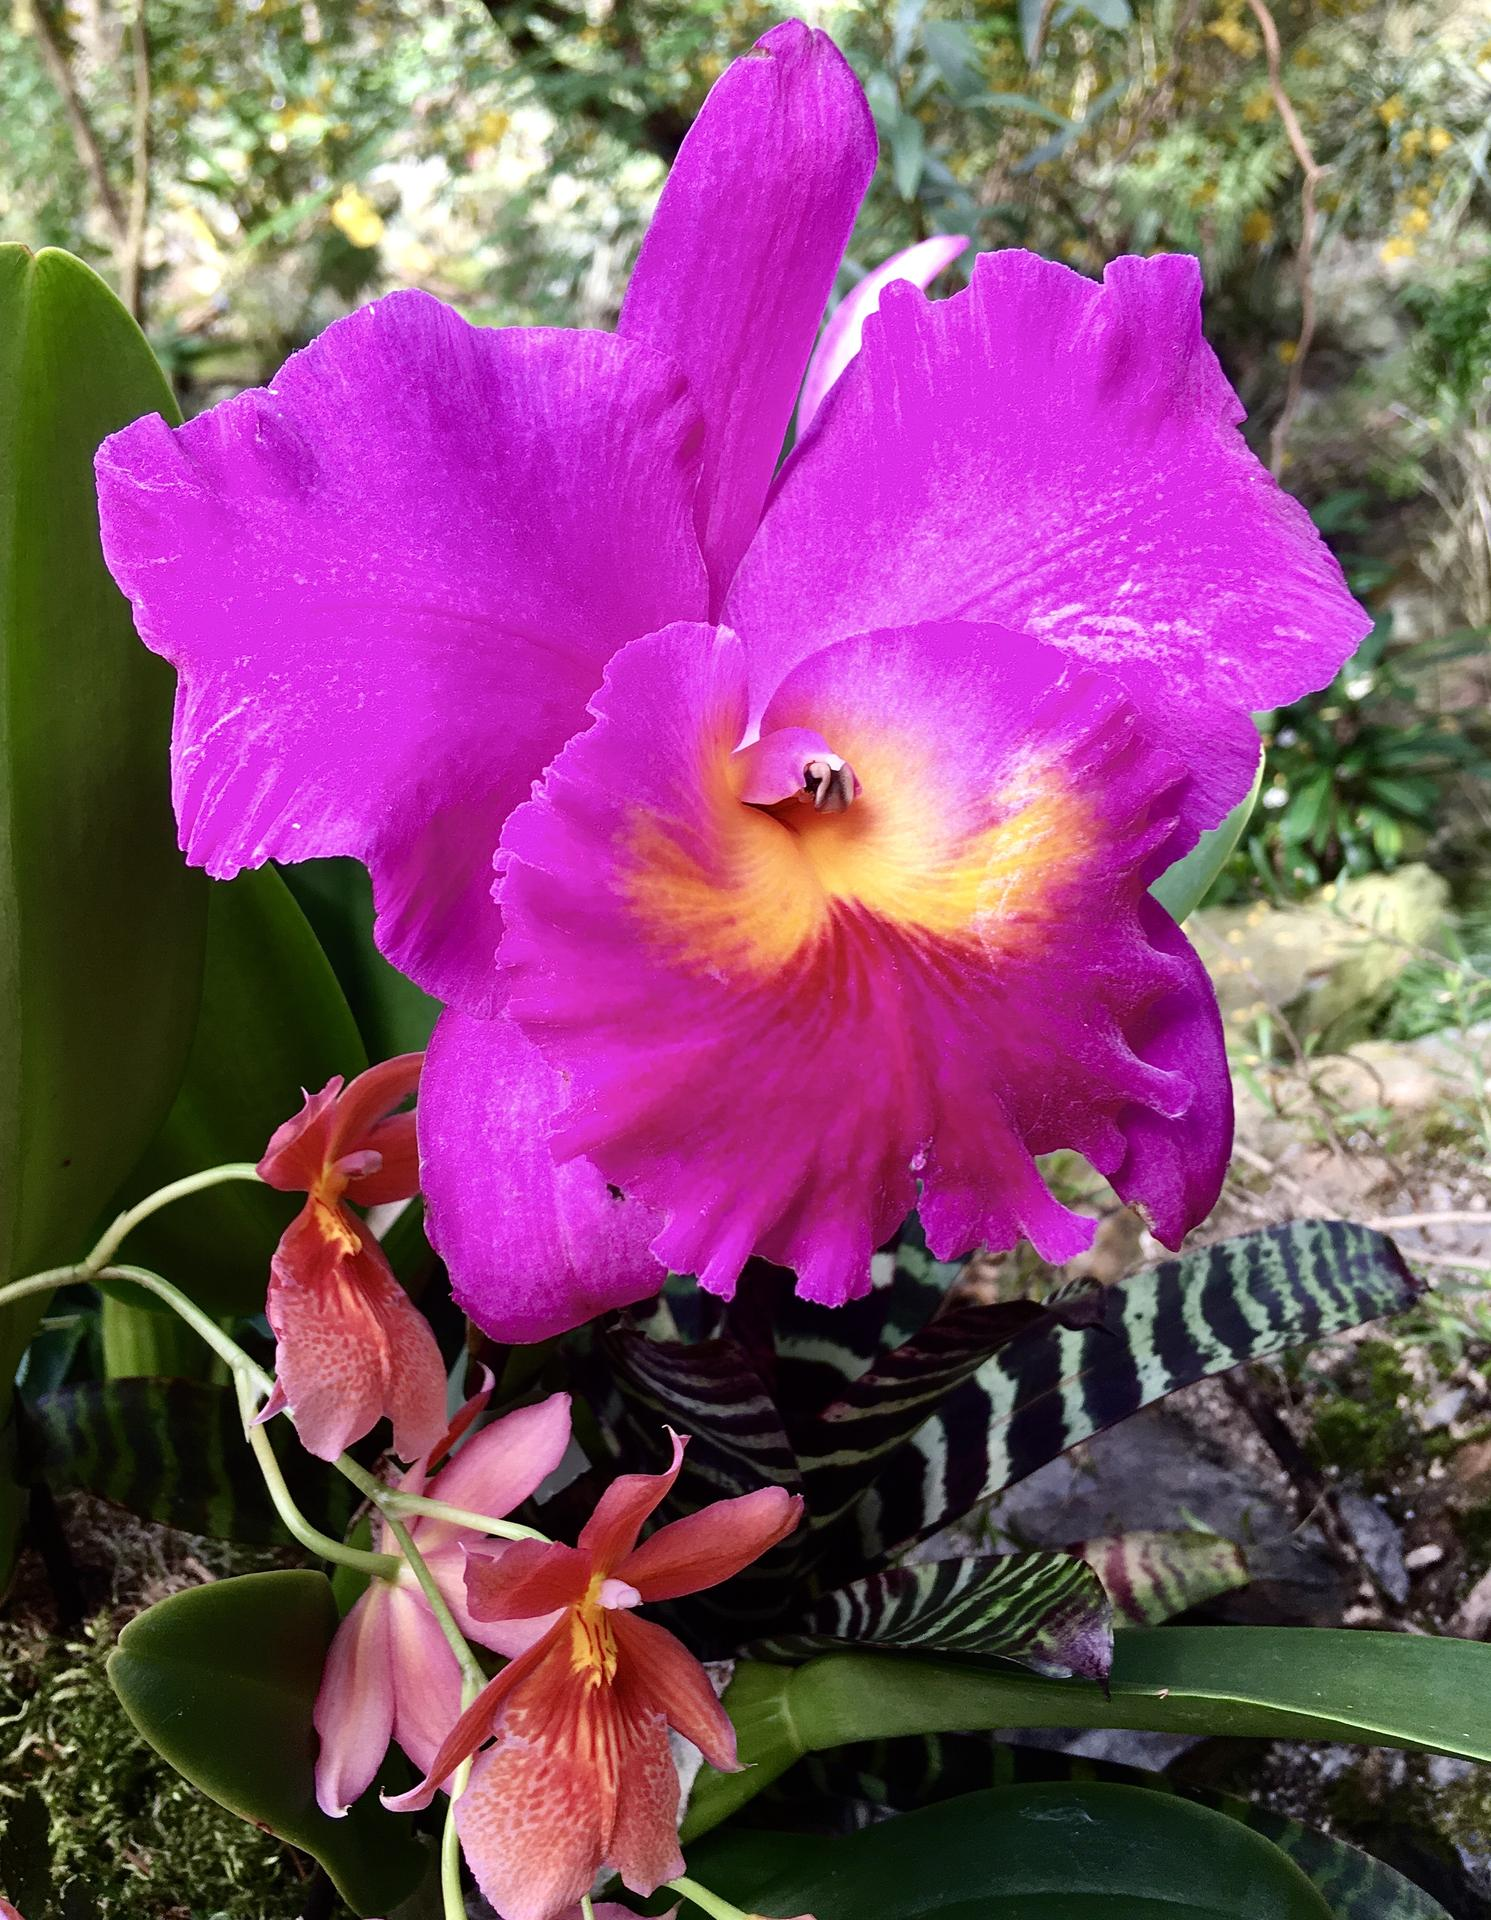 Vystava orchideji 2020 - Obrázek č. 1